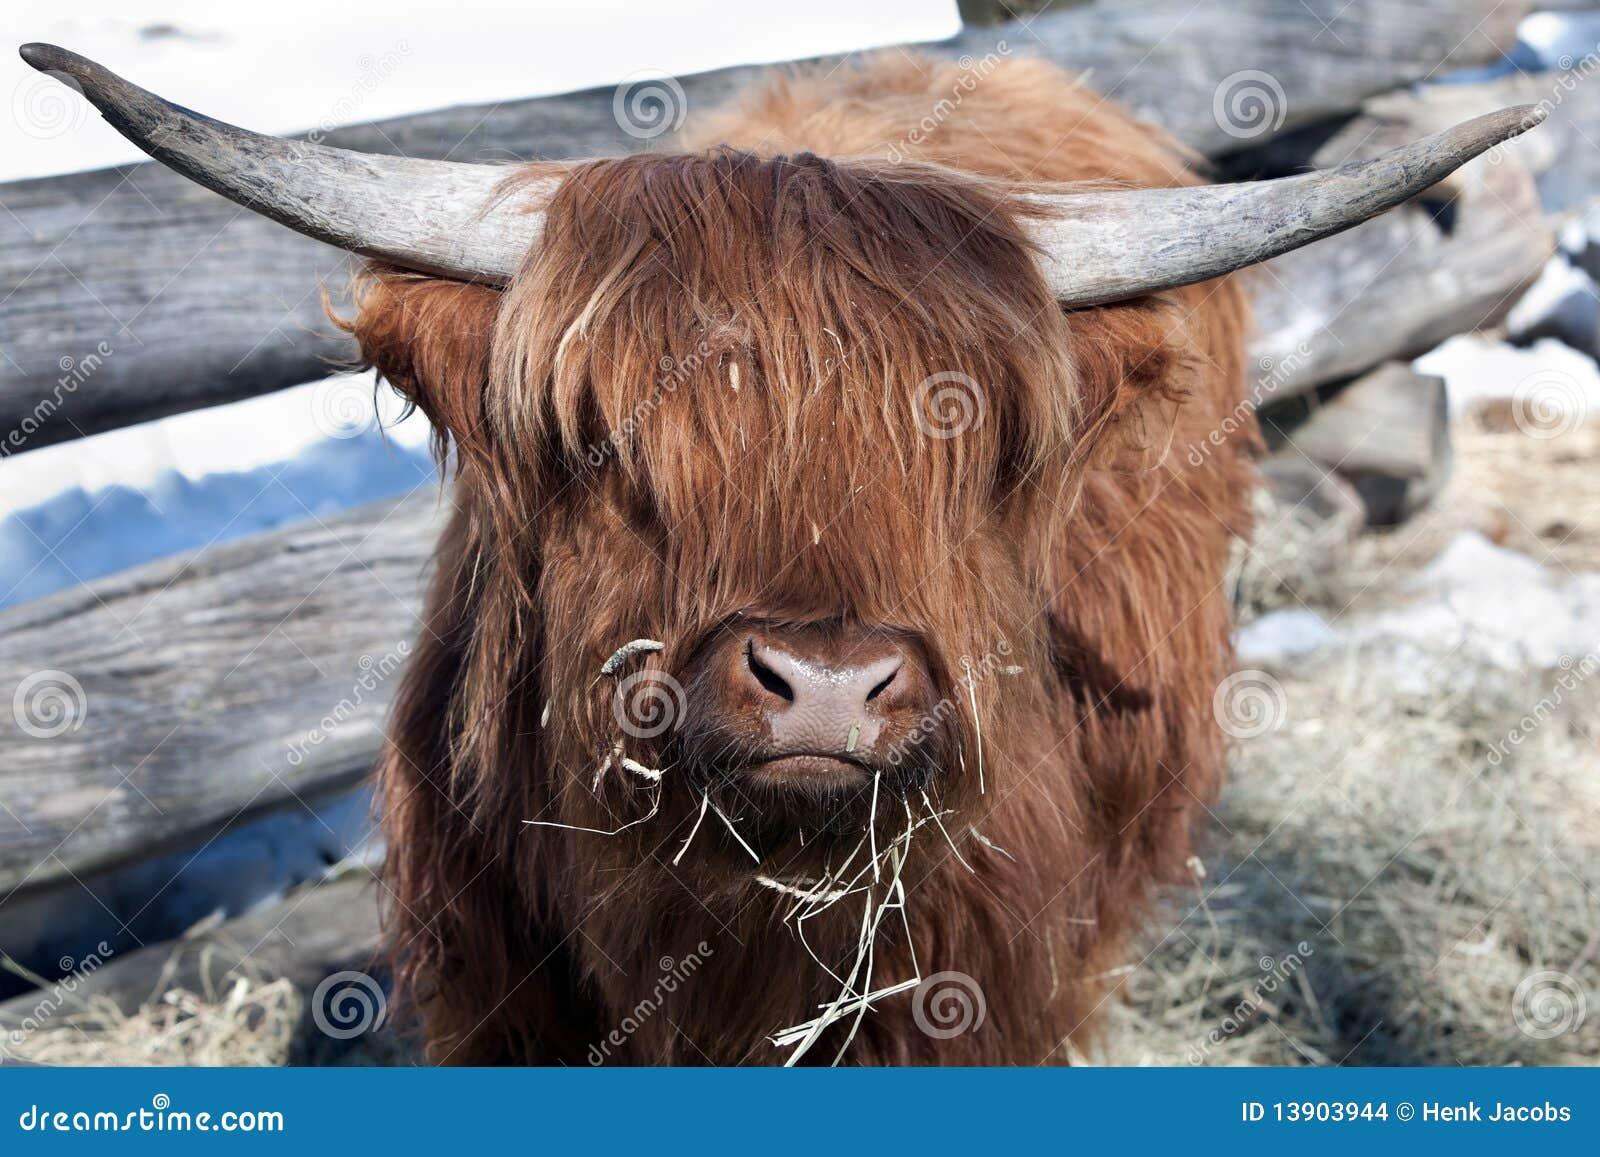 Iaques foto de stock. Imagem de animal, horned, mamífero - 13903944